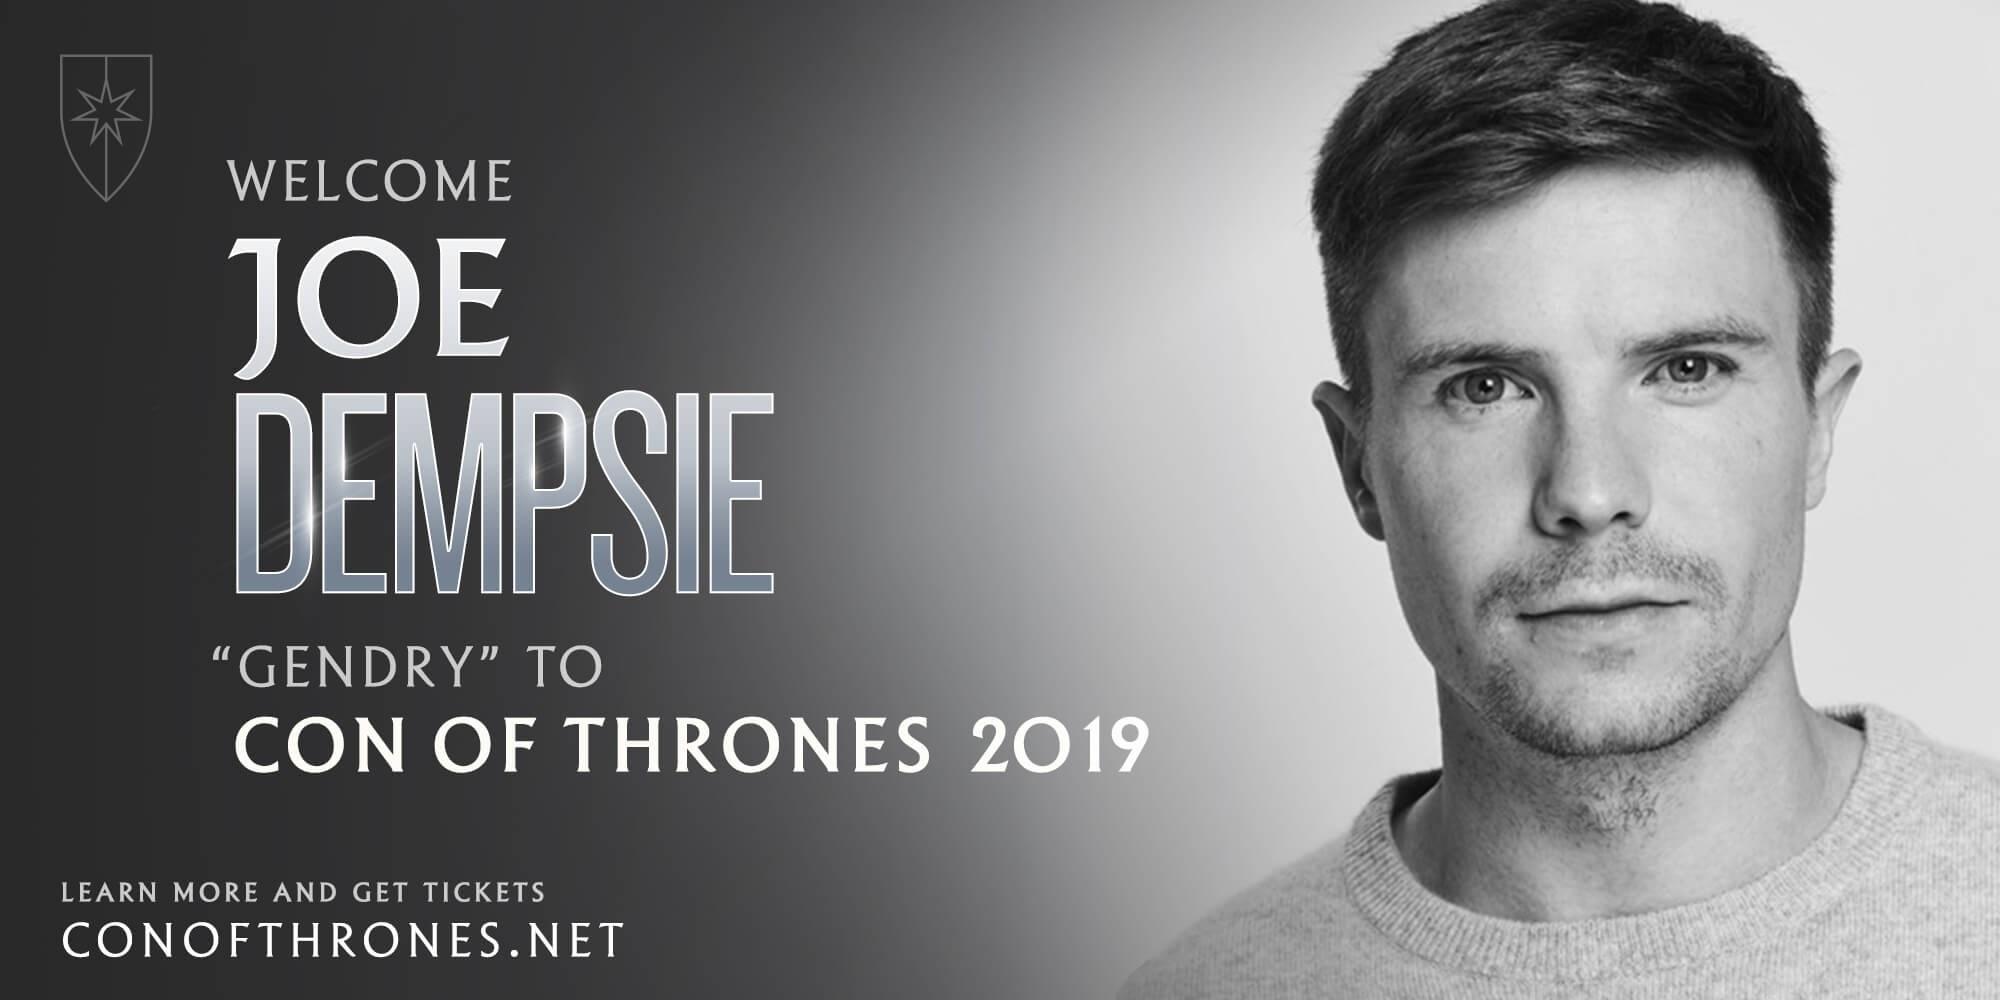 Joe Dempsie Con of Thrones 2019